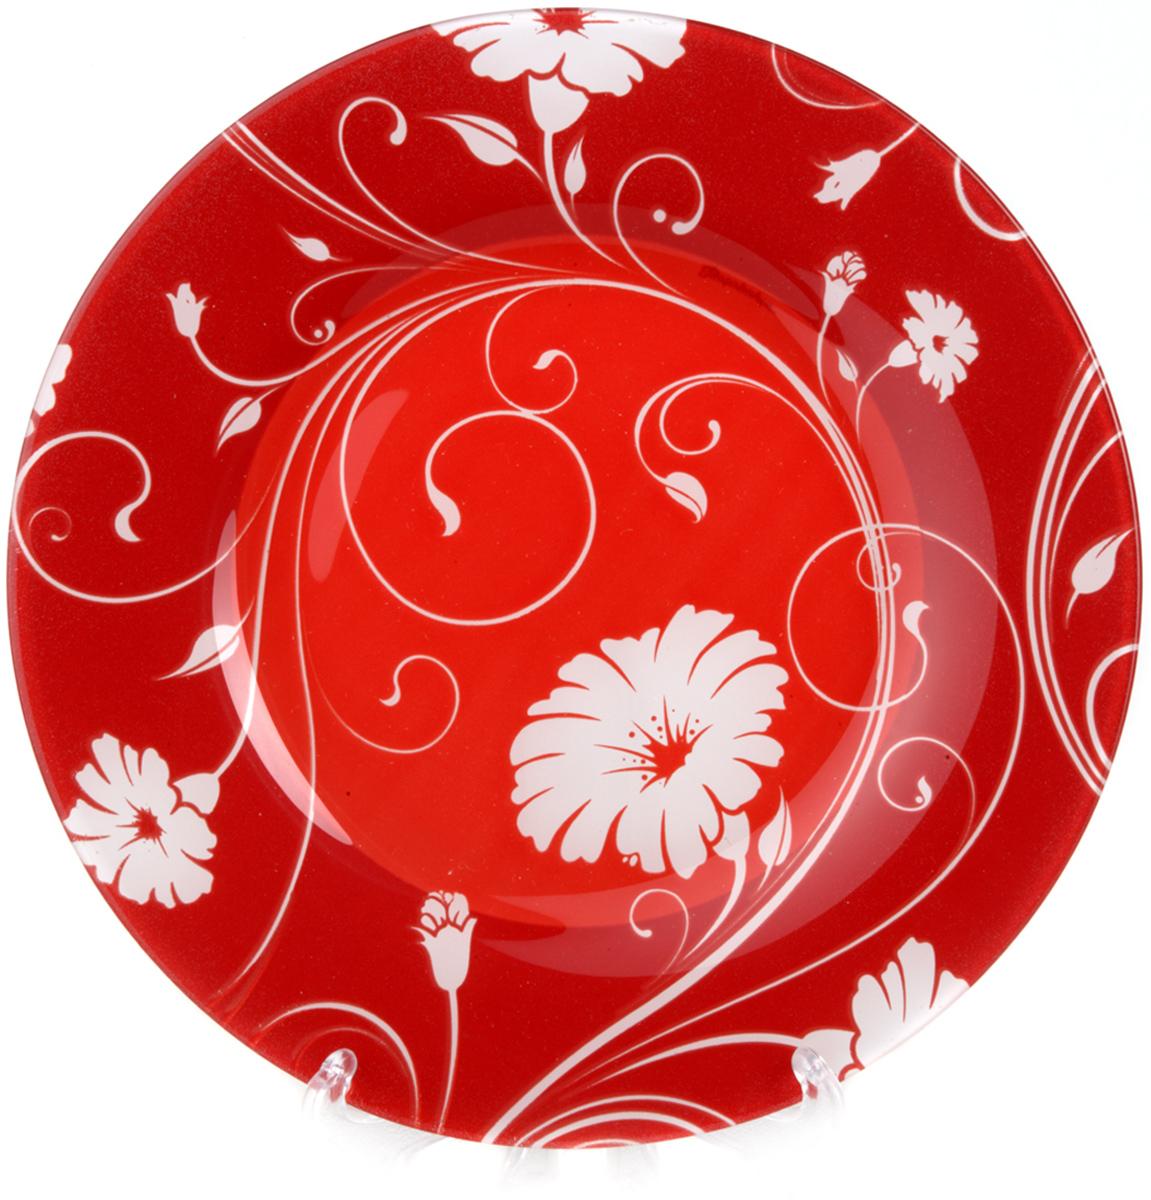 Тарелка Pasabahce Уоркшоп рэд серенейд, цвет: красный, диаметр 26 см10328SLBD3Тарелка из закаленного стекла SERENADE d=260 мм (на красном фоне белые цветы)